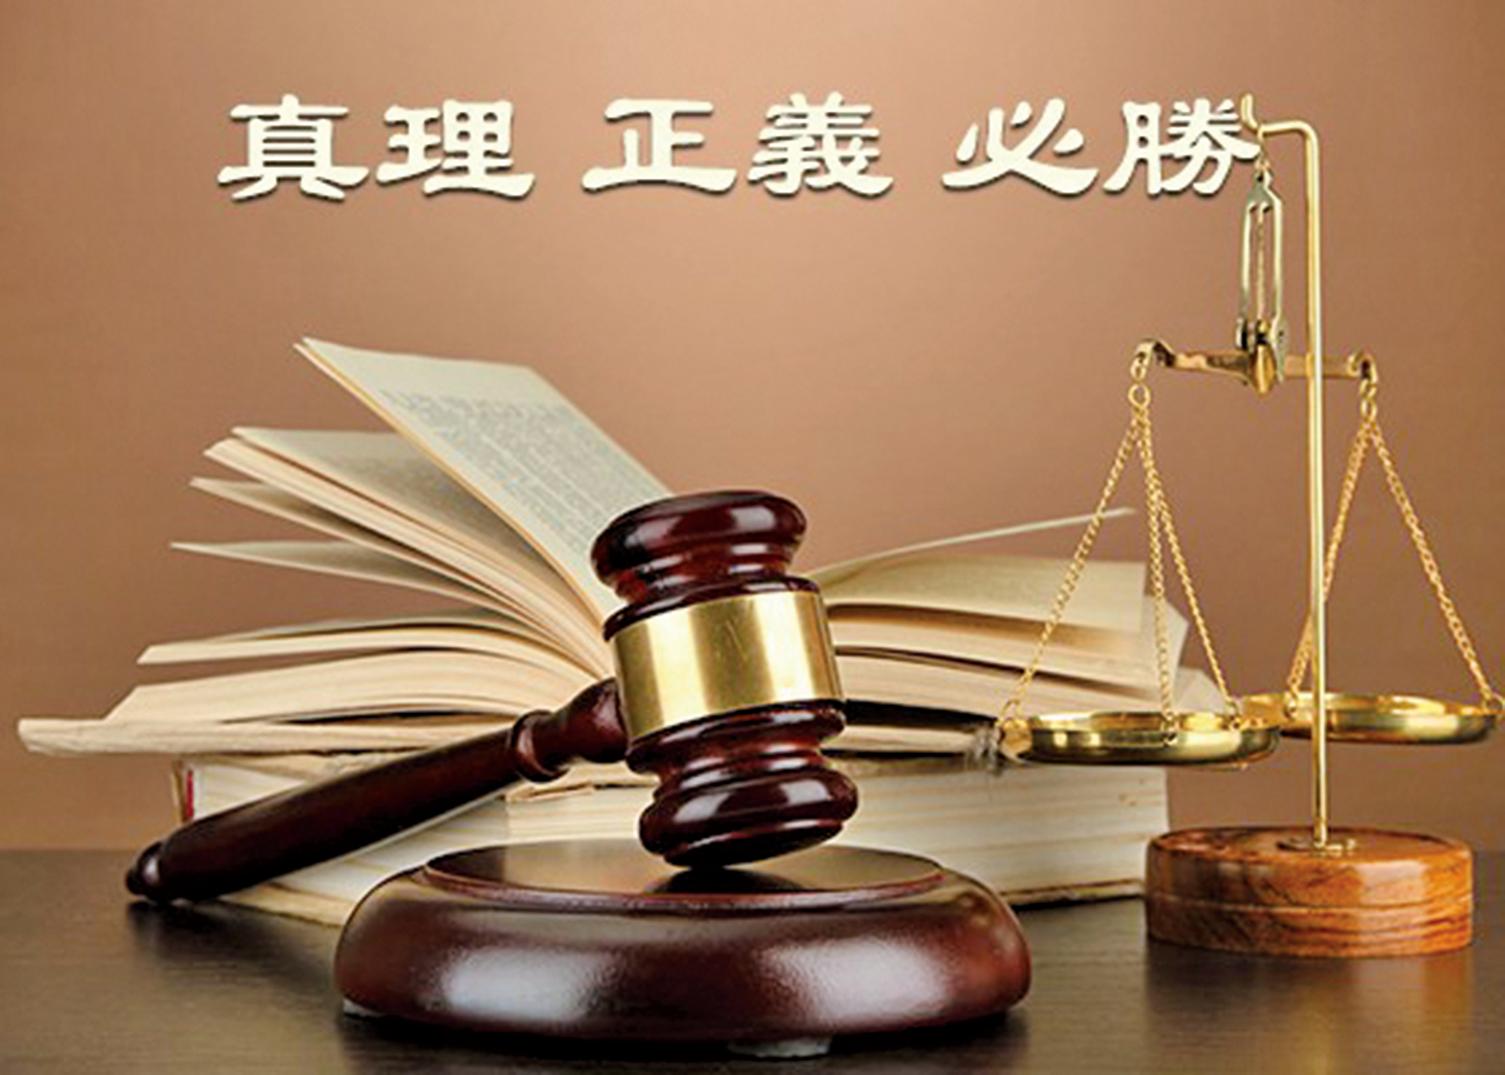 寧夏八名法輪功學員遭非法庭審 律師無罪辯護